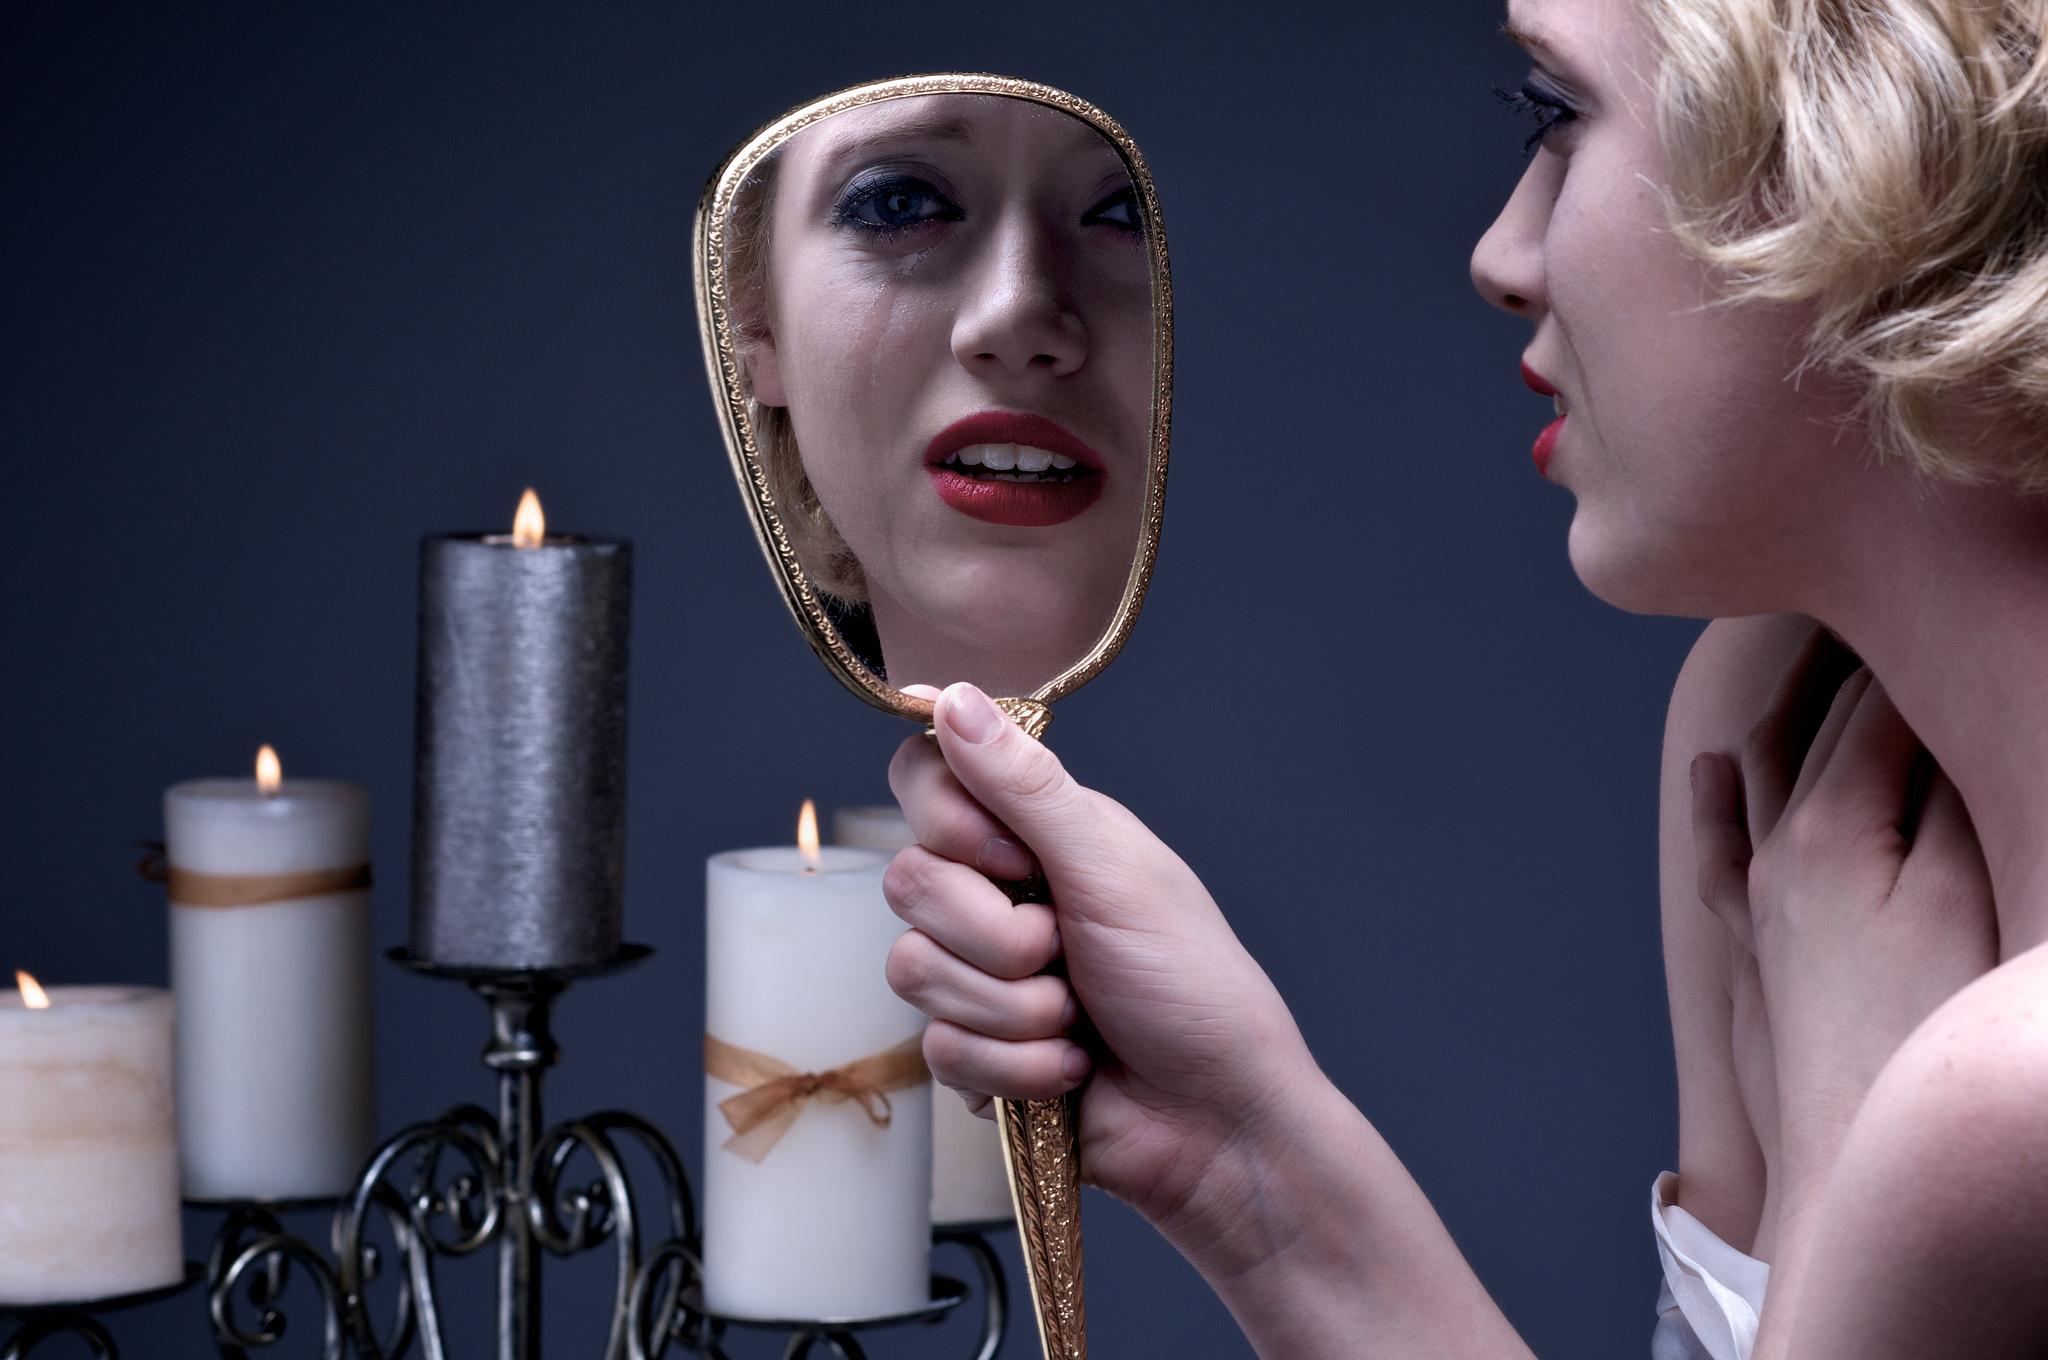 """Новинка техніки: """"голе"""" дзеркало, яке допоможе схуднути і підкачатися"""